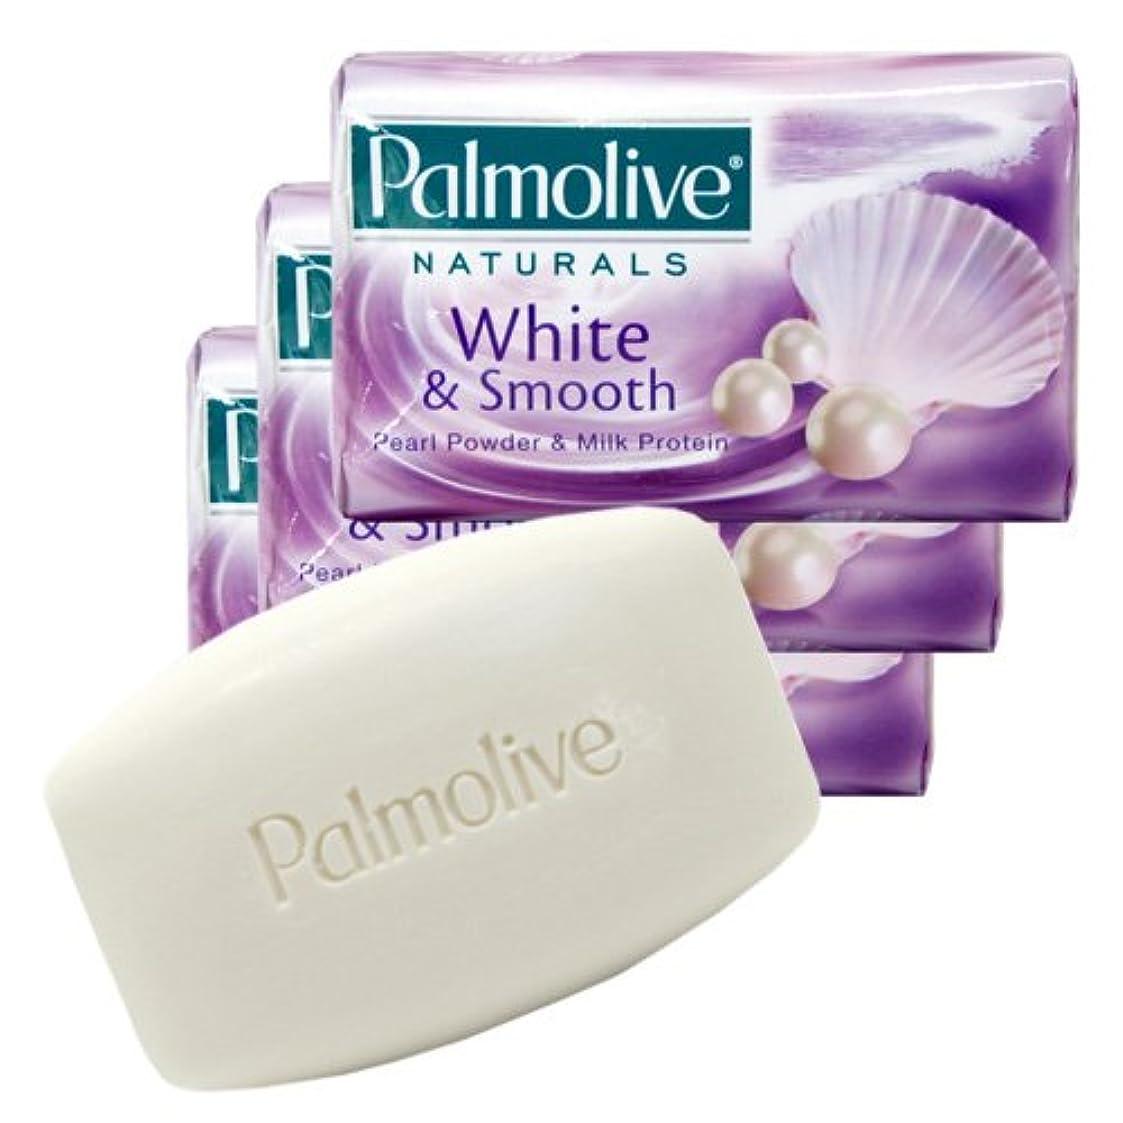 フリッパーラグ添付【Palmolive】パルモリーブ ナチュラルズ石鹸3個パック ホワイト&スムース(パールパウダー&ミルクプロテイン)80g×3